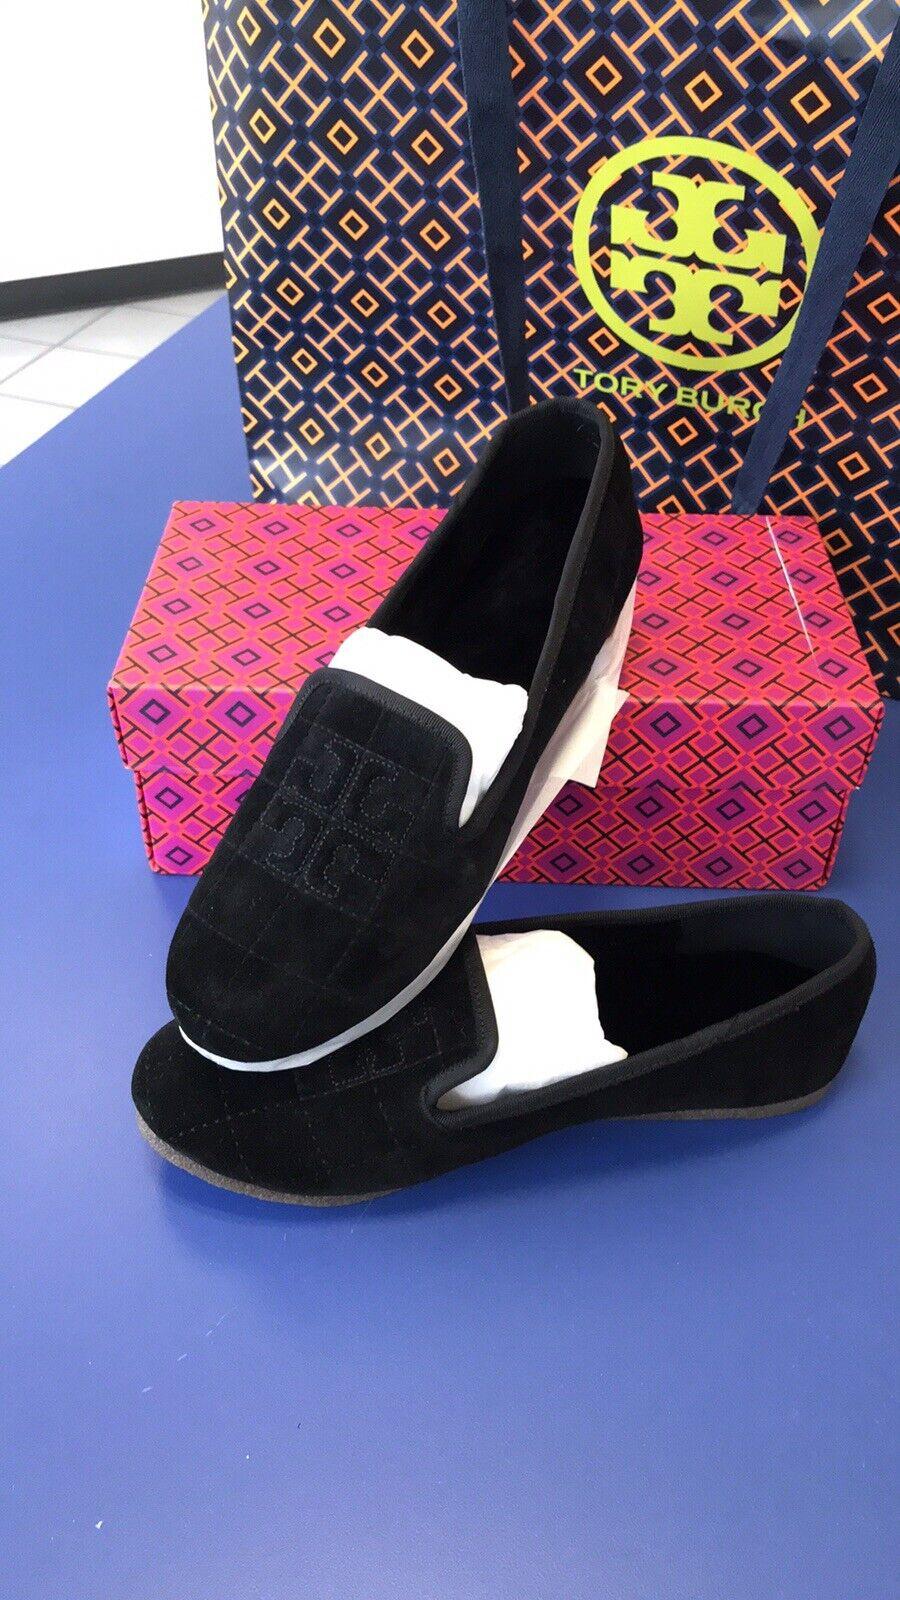 ci sono più marche di prodotti di alta qualità NEW Tory Burch Crowley nero Slipper Slipper Slipper Dimensione 9  centro commerciale di moda